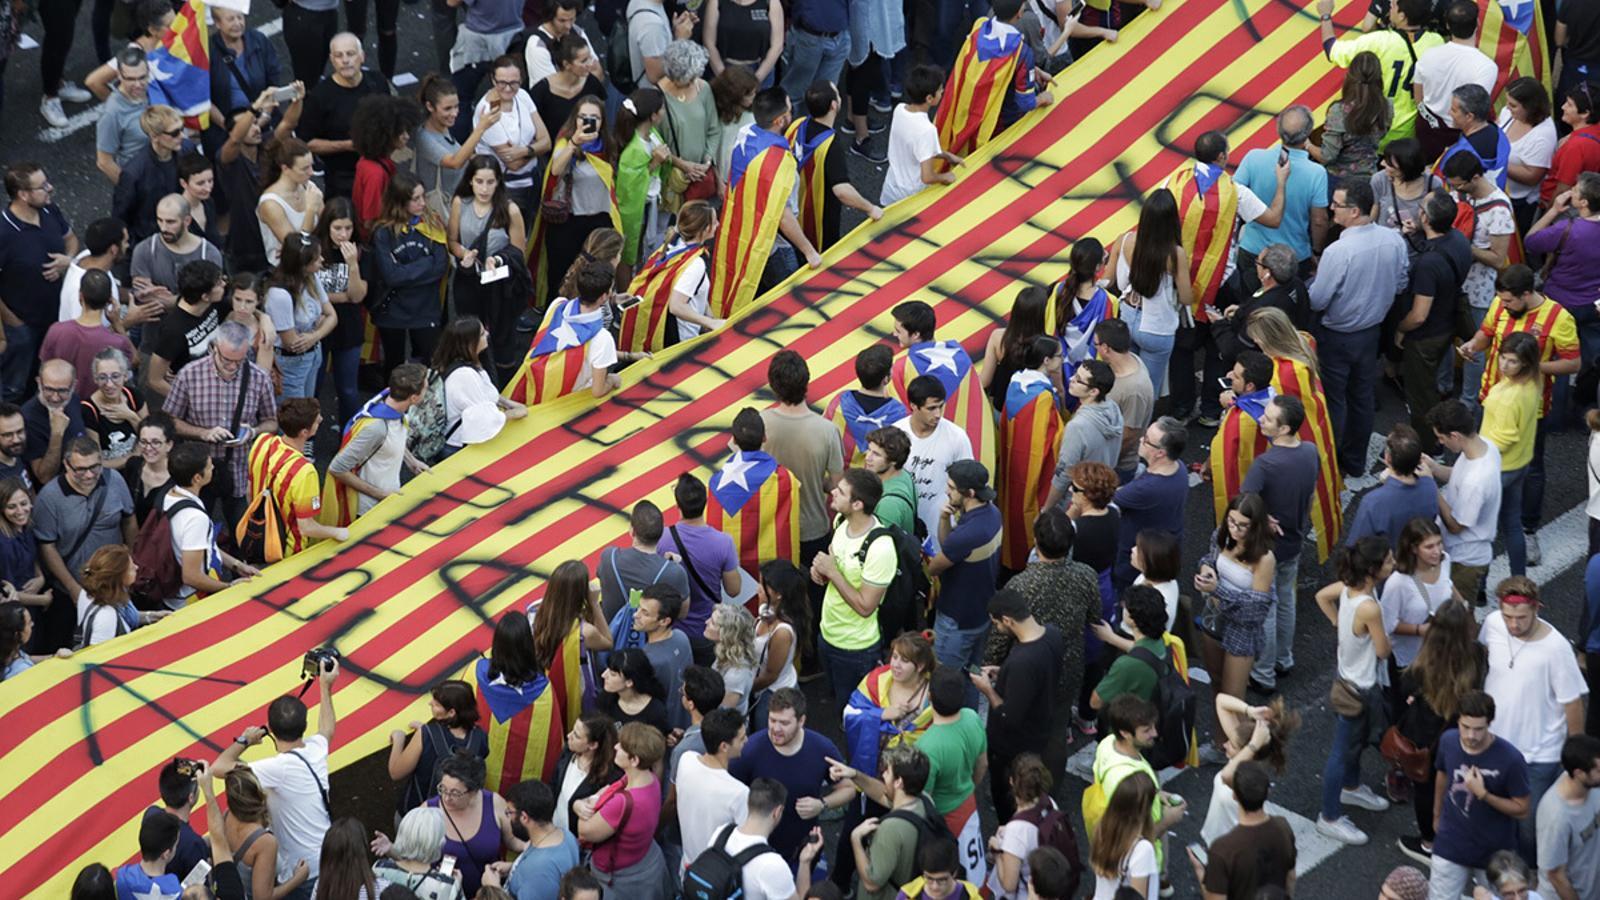 Dignitat i pacifisme mai en prescindirem l 39 actualitat - Placa universitat barcelona ...